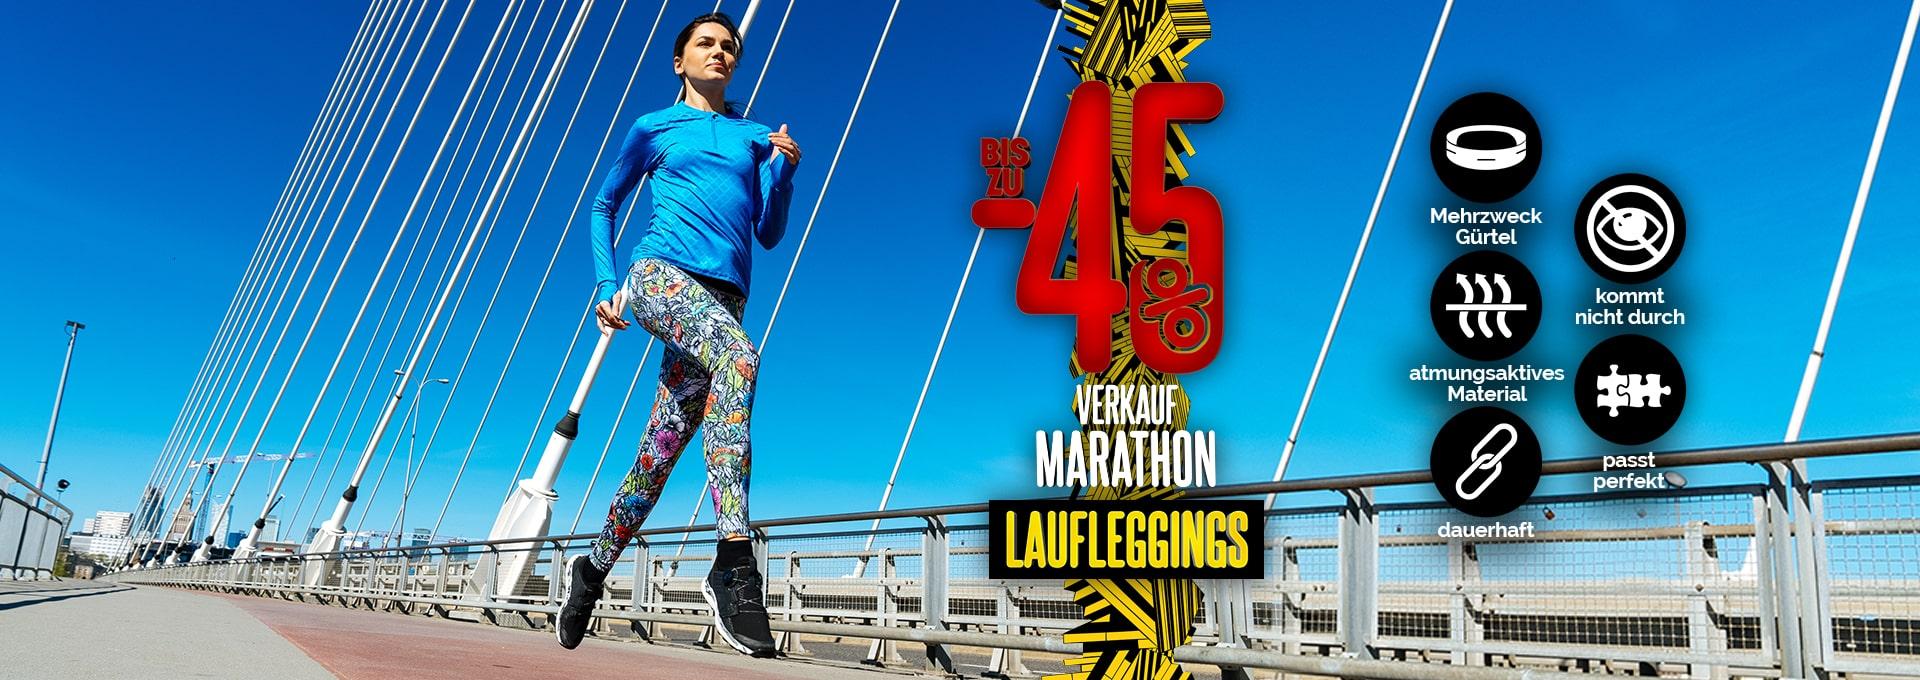 Maraton legginsy de